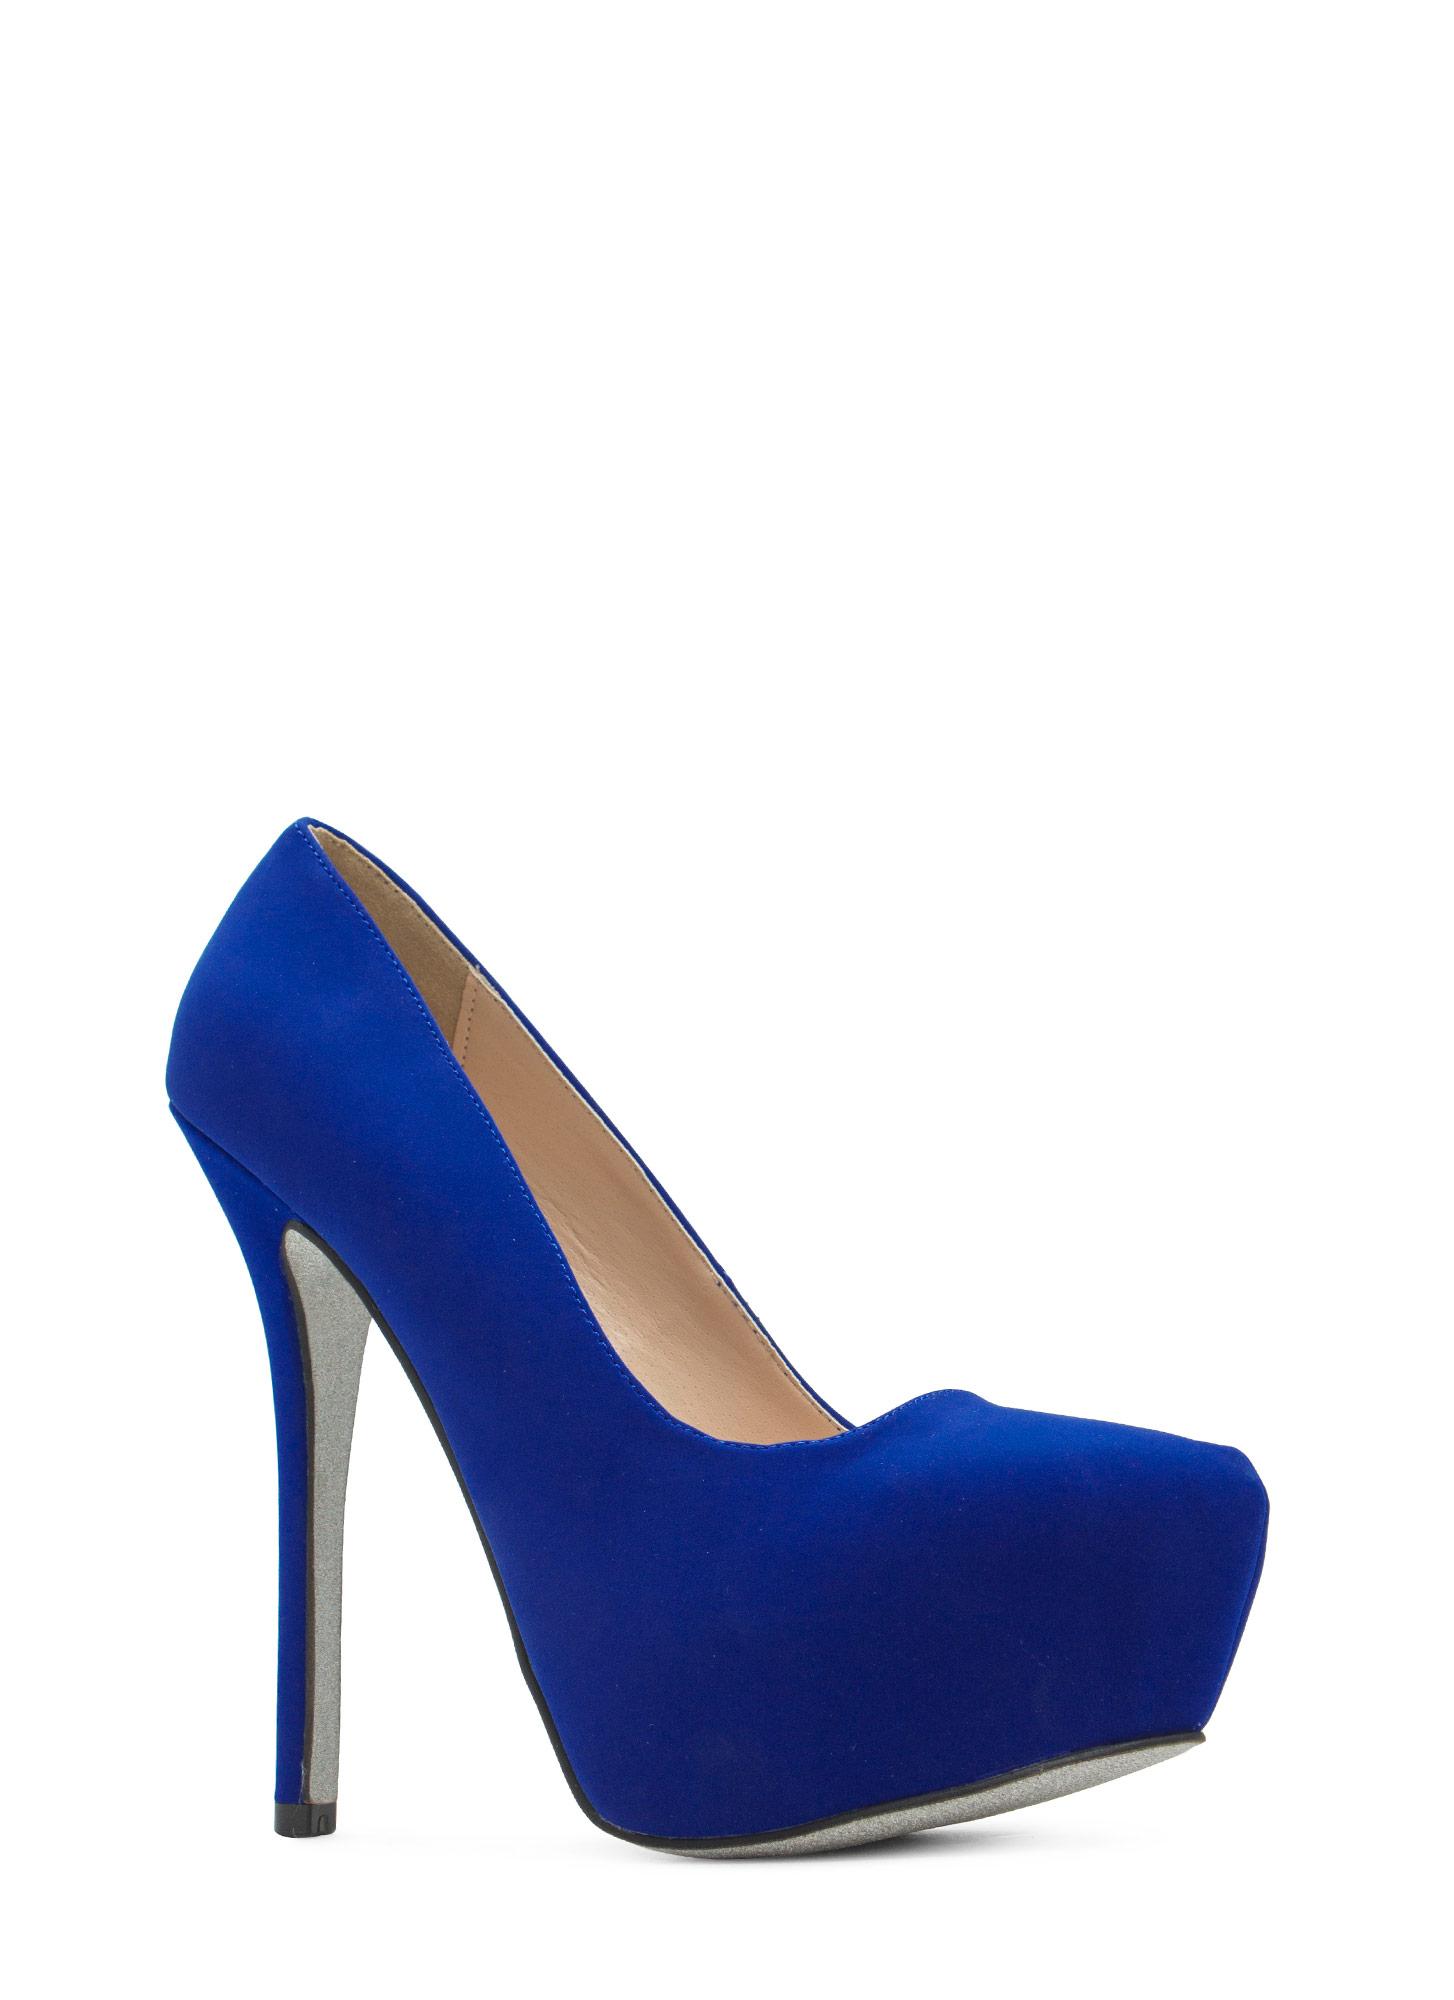 Glitterati faux nubuck platform heels cobalt black dkred fuchsia